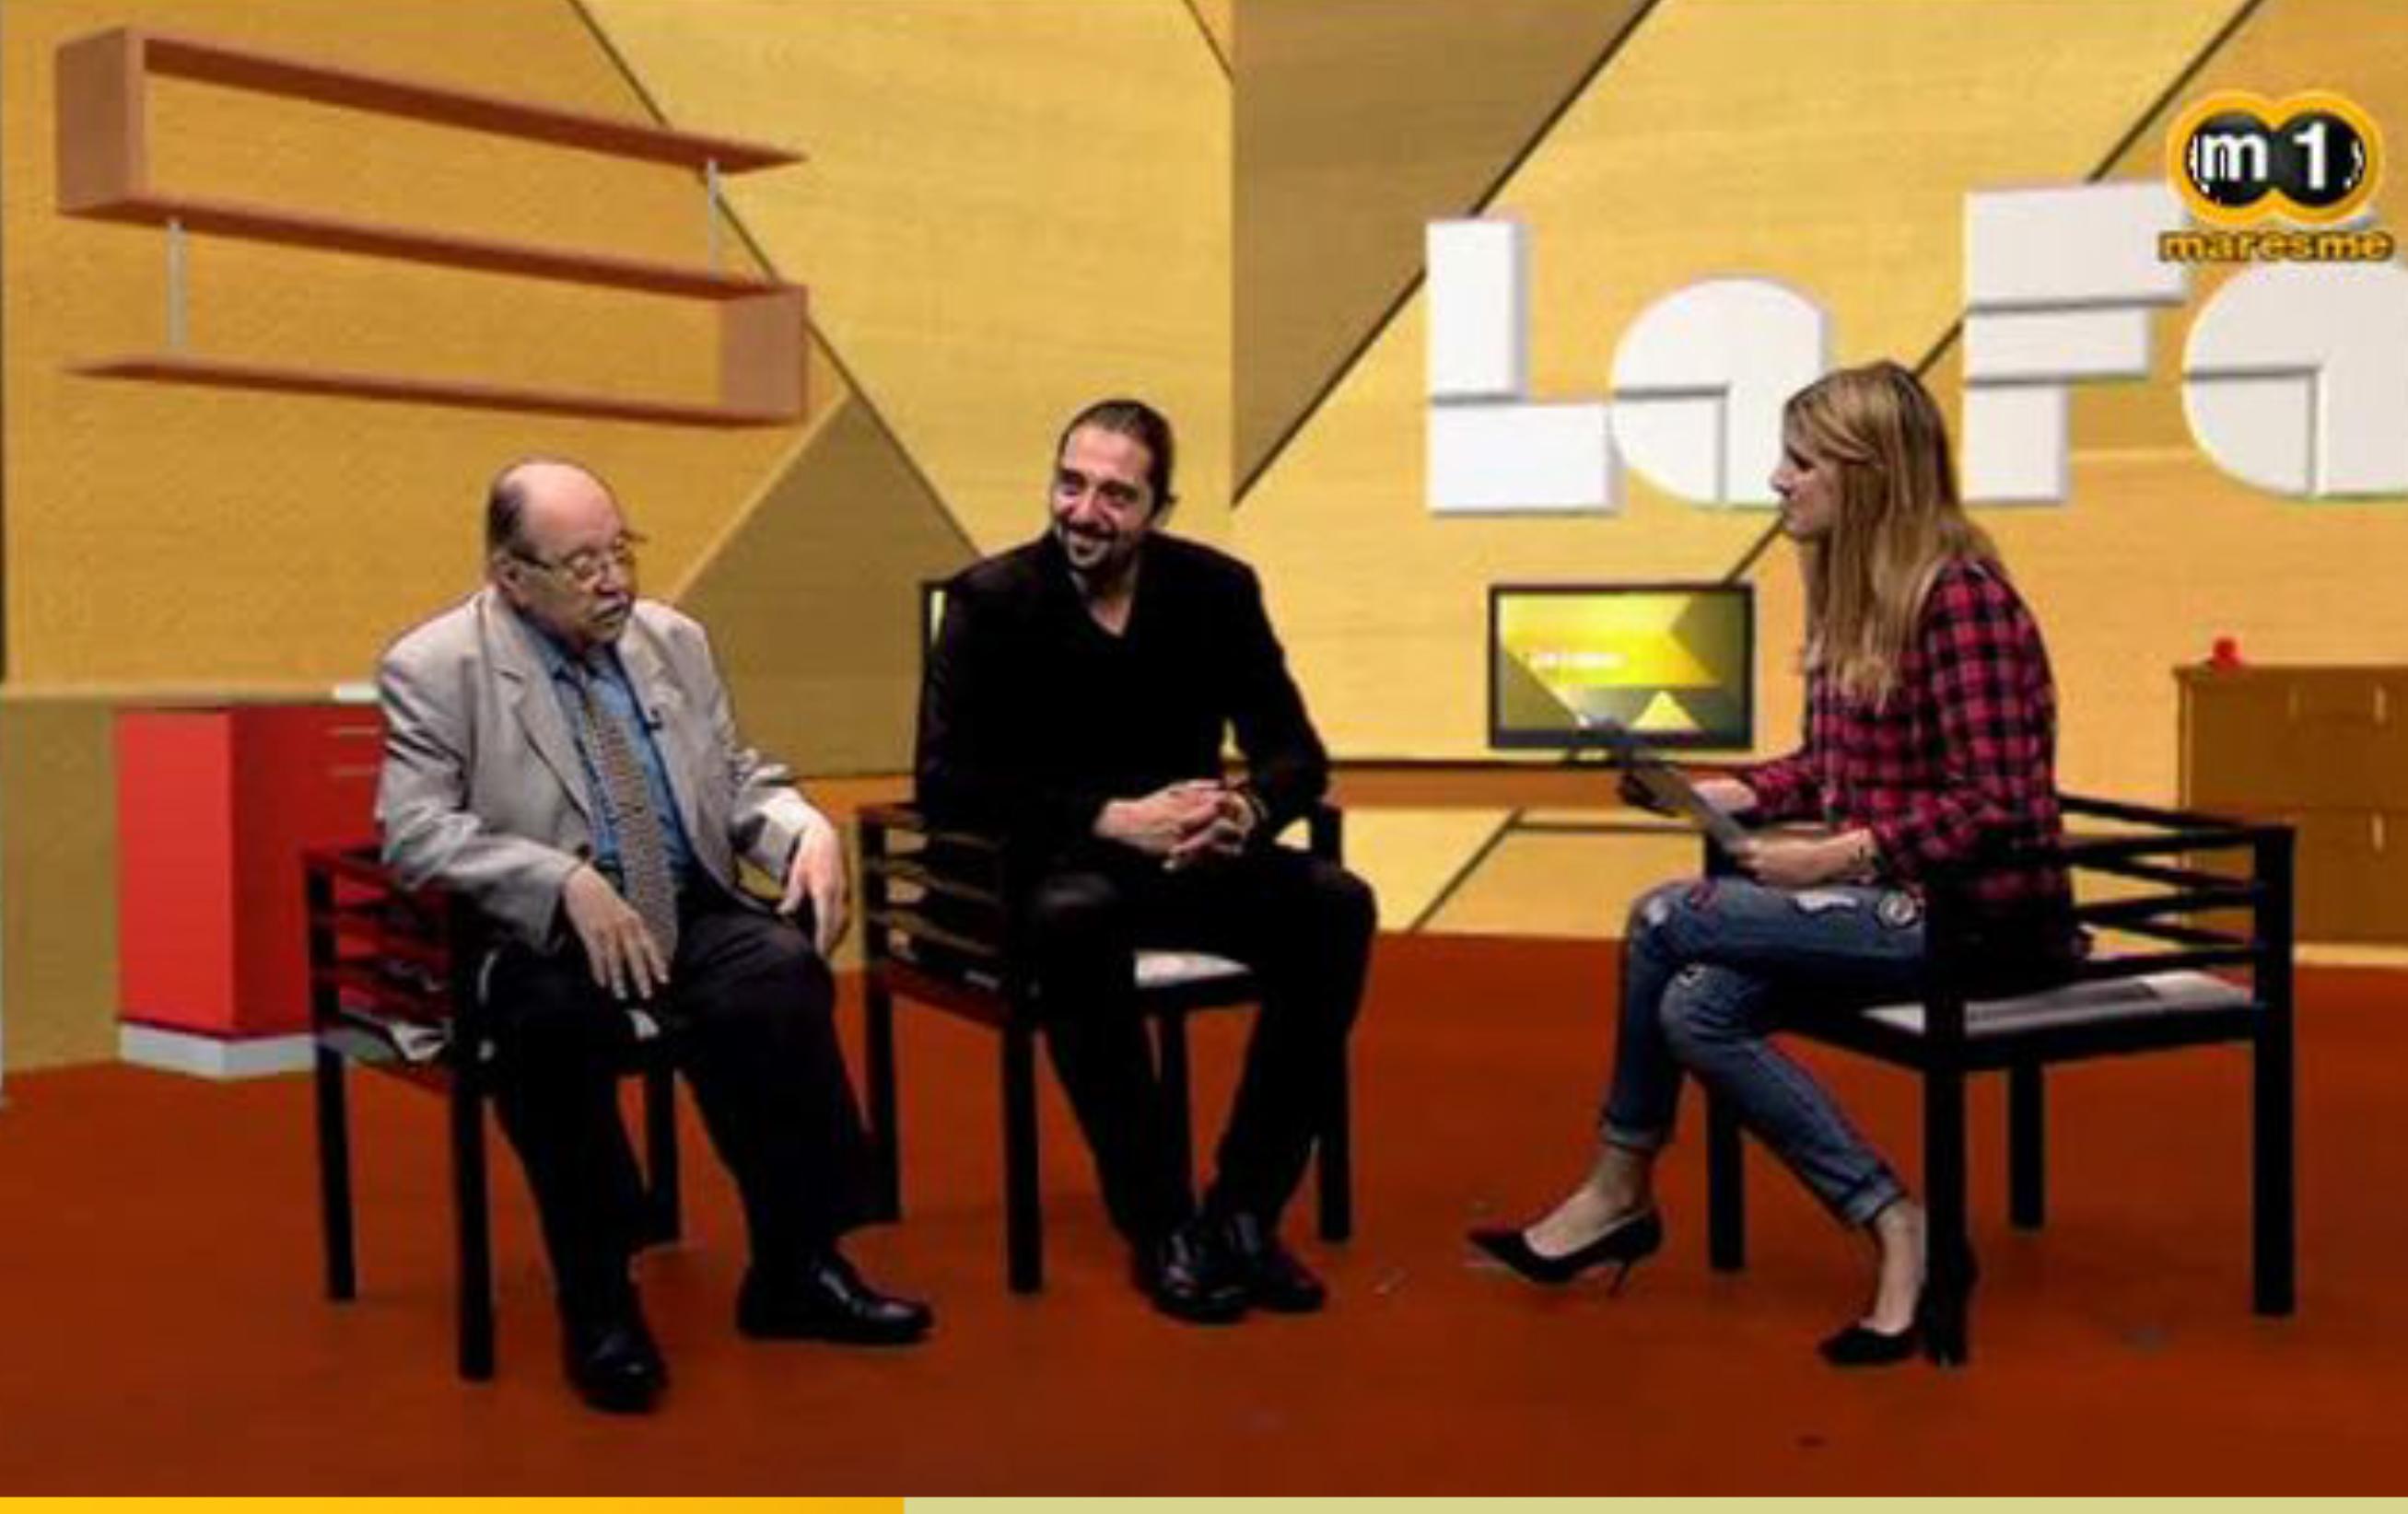 TVMataro